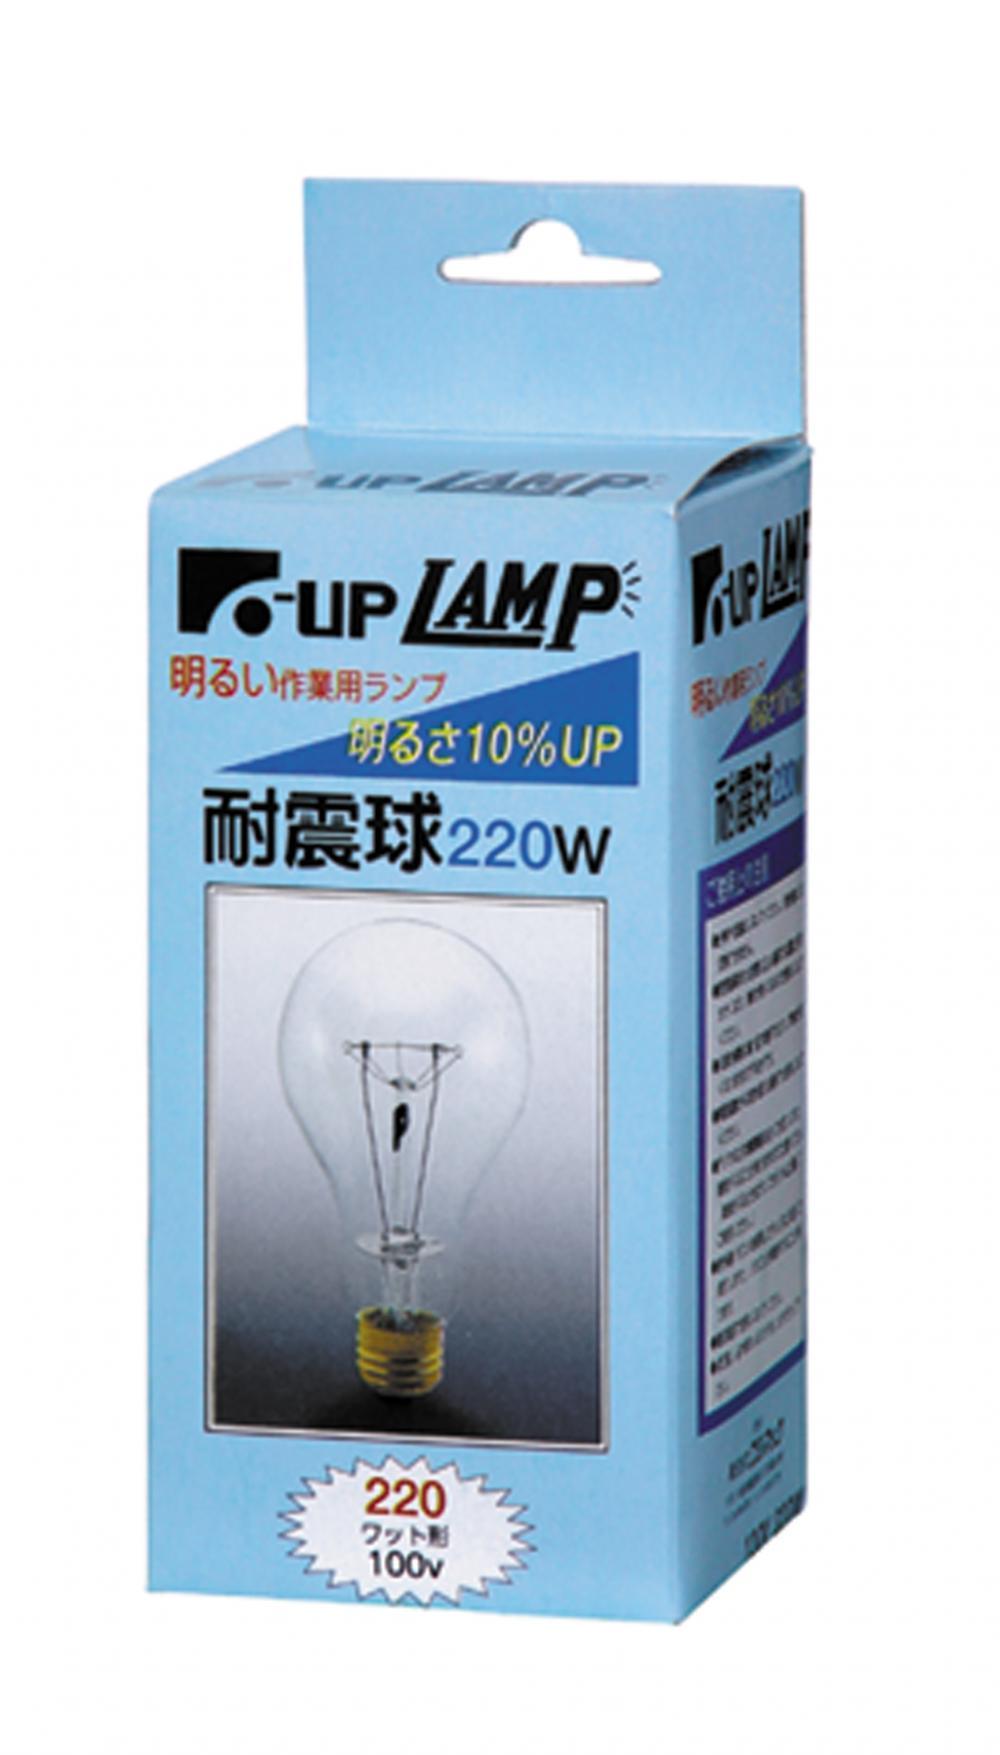 F-up耐振球 220W パッケージ